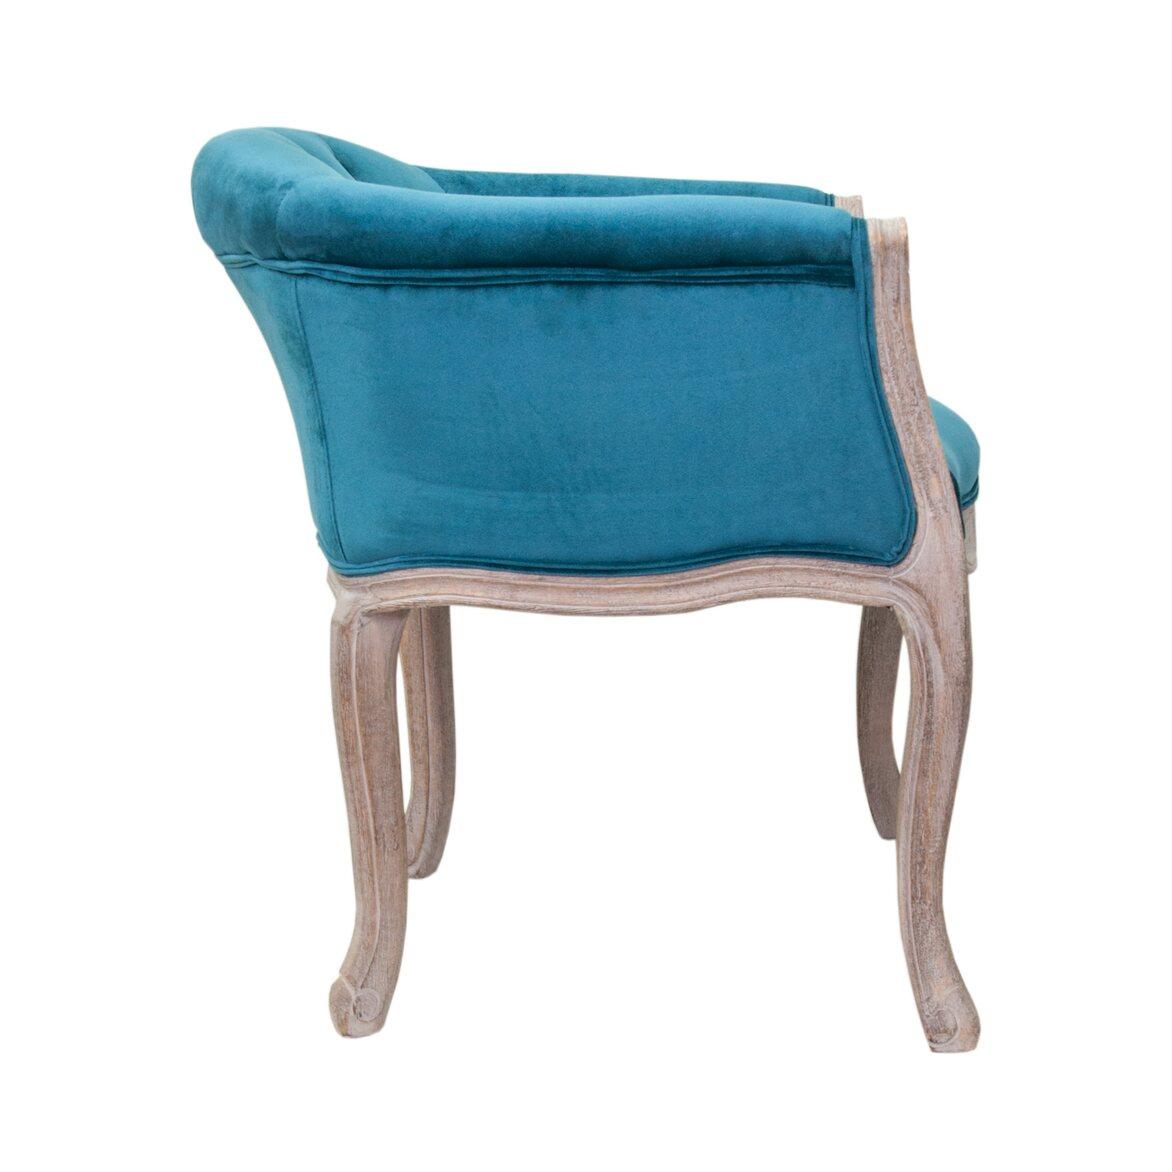 Низкое кресло Kandy blue velvet 2   Маленькие кресла Kingsby